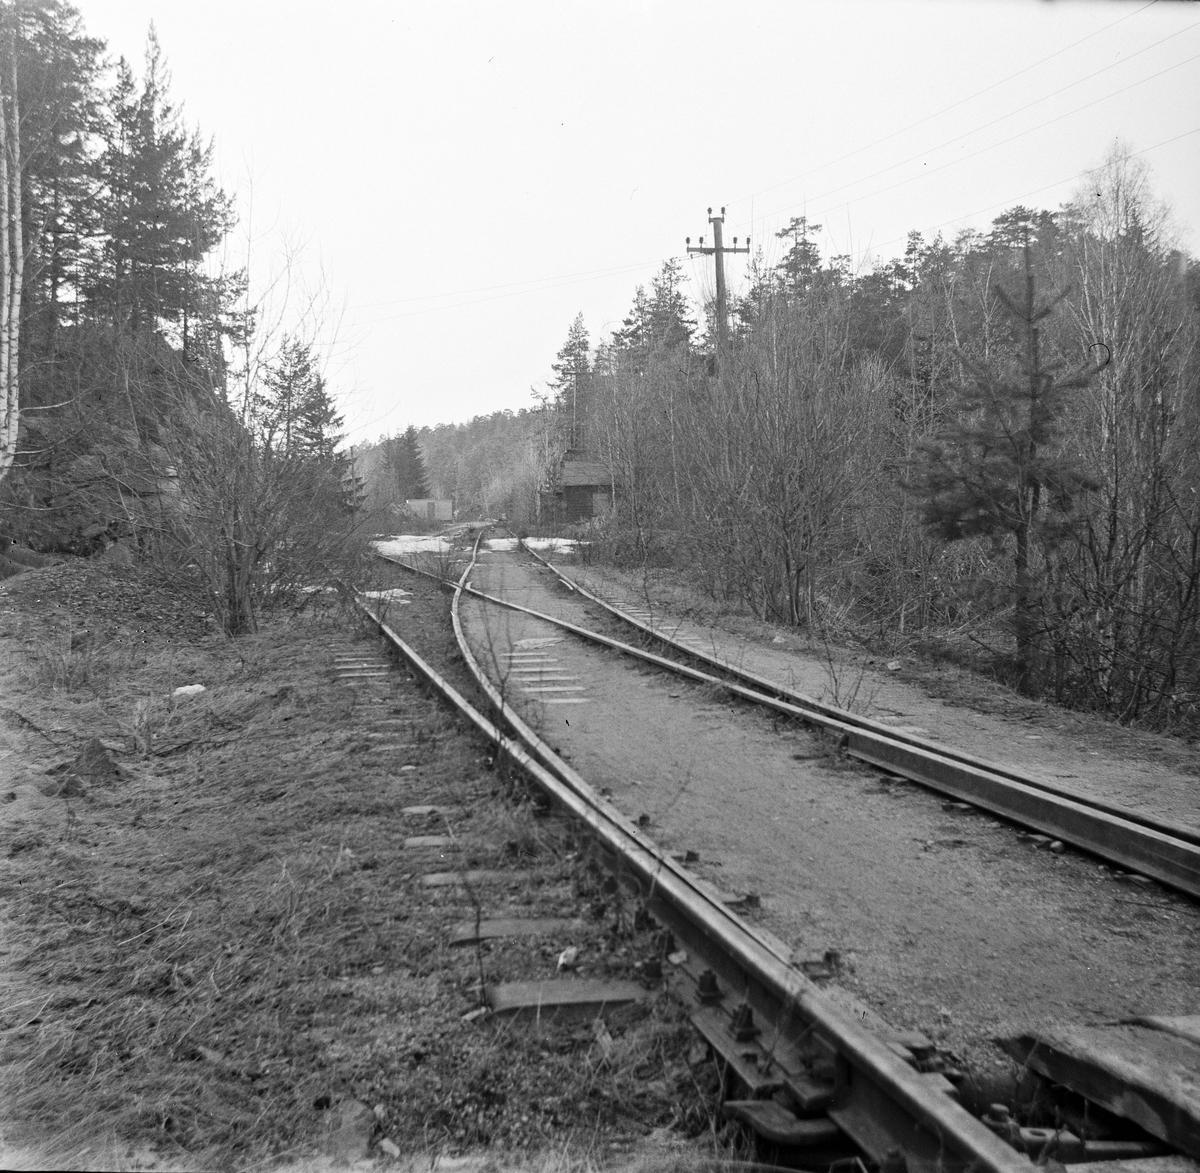 Fra nedlagt trase på Østfoldbanen ved Holmlia. Banen ble lagt om via Hauketo i 1925 i forbindelse med at Ljansviadukten ble tatt ut av bruk, men deler av den gamle traseen ble beholdt som sidespor.